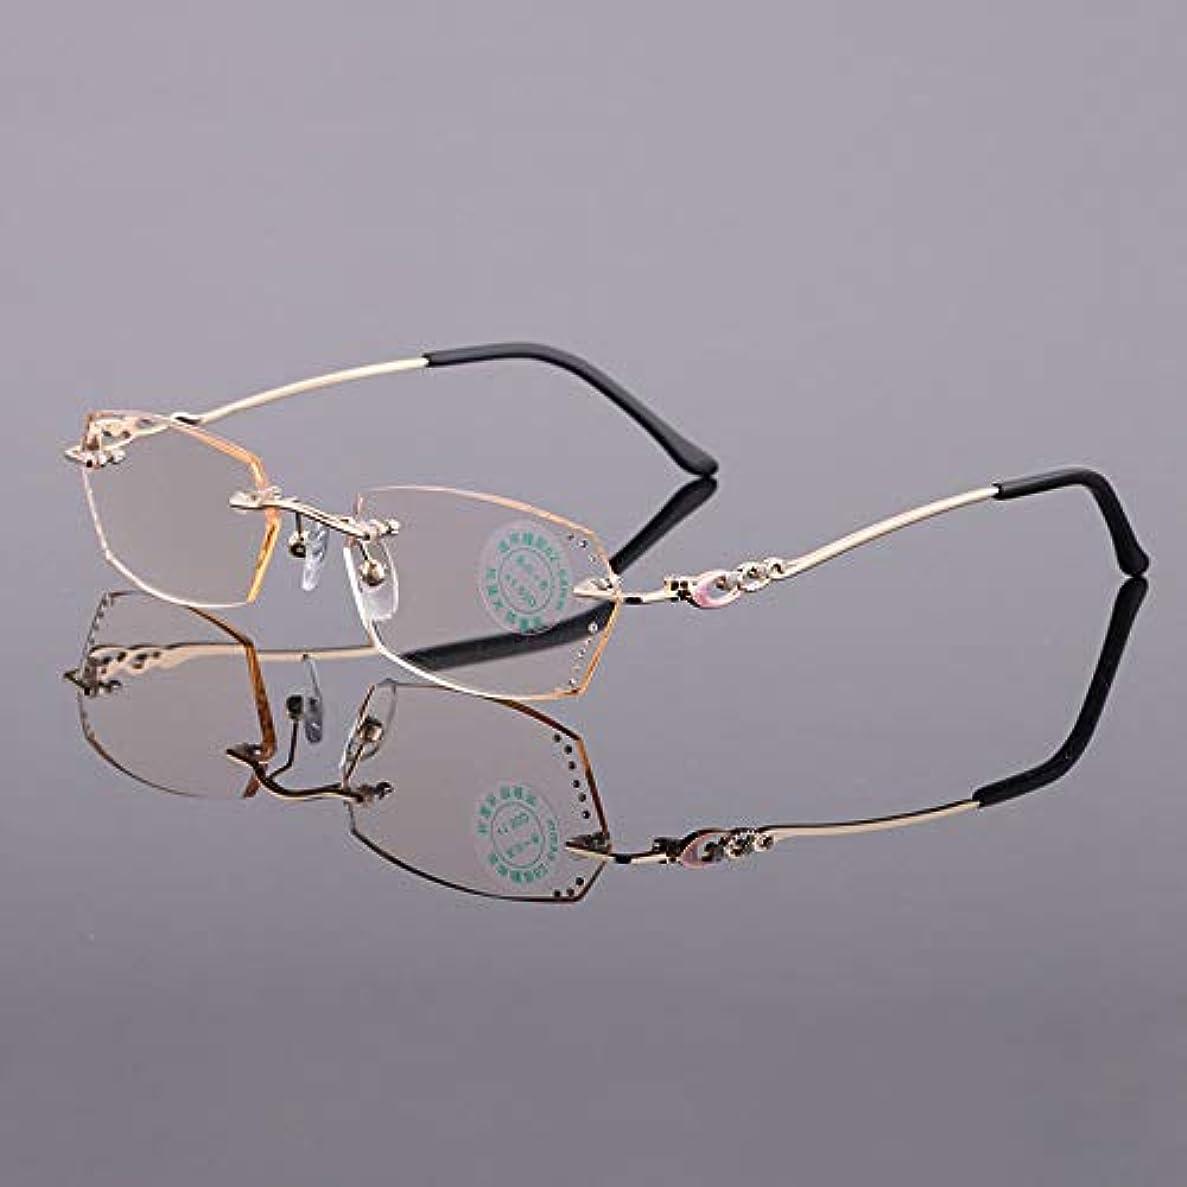 弁護士アナロジー人に関する限りさんフレームレス老眼鏡、抗疲労アンチブルー老眼鏡、ブラウンウルトラライトレジンレンズ、転倒防止耐擦傷性耐摩耗性老眼鏡、高齢老眼、ママとパパのホリデーギフトに最適